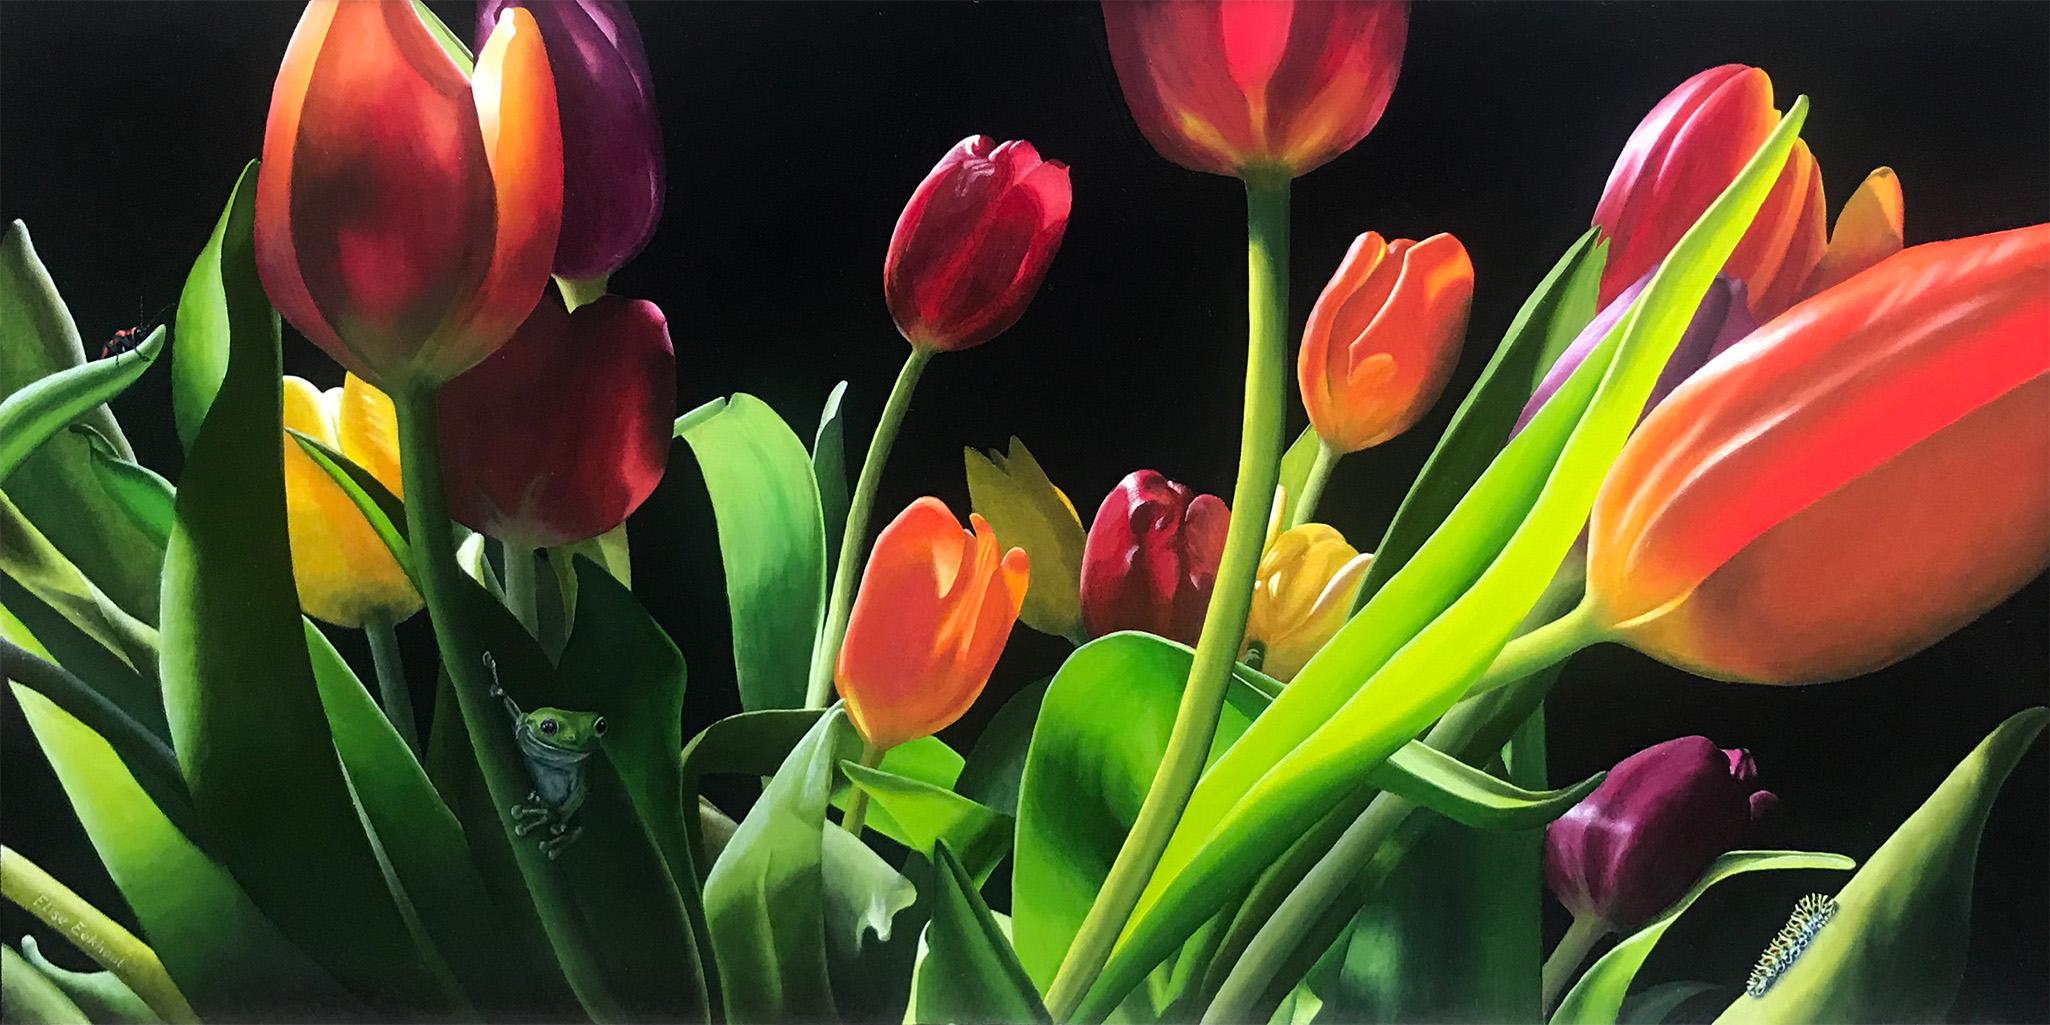 2 MAAL EE | Elise Eekhout | Flowers & Creatures | Tulips1